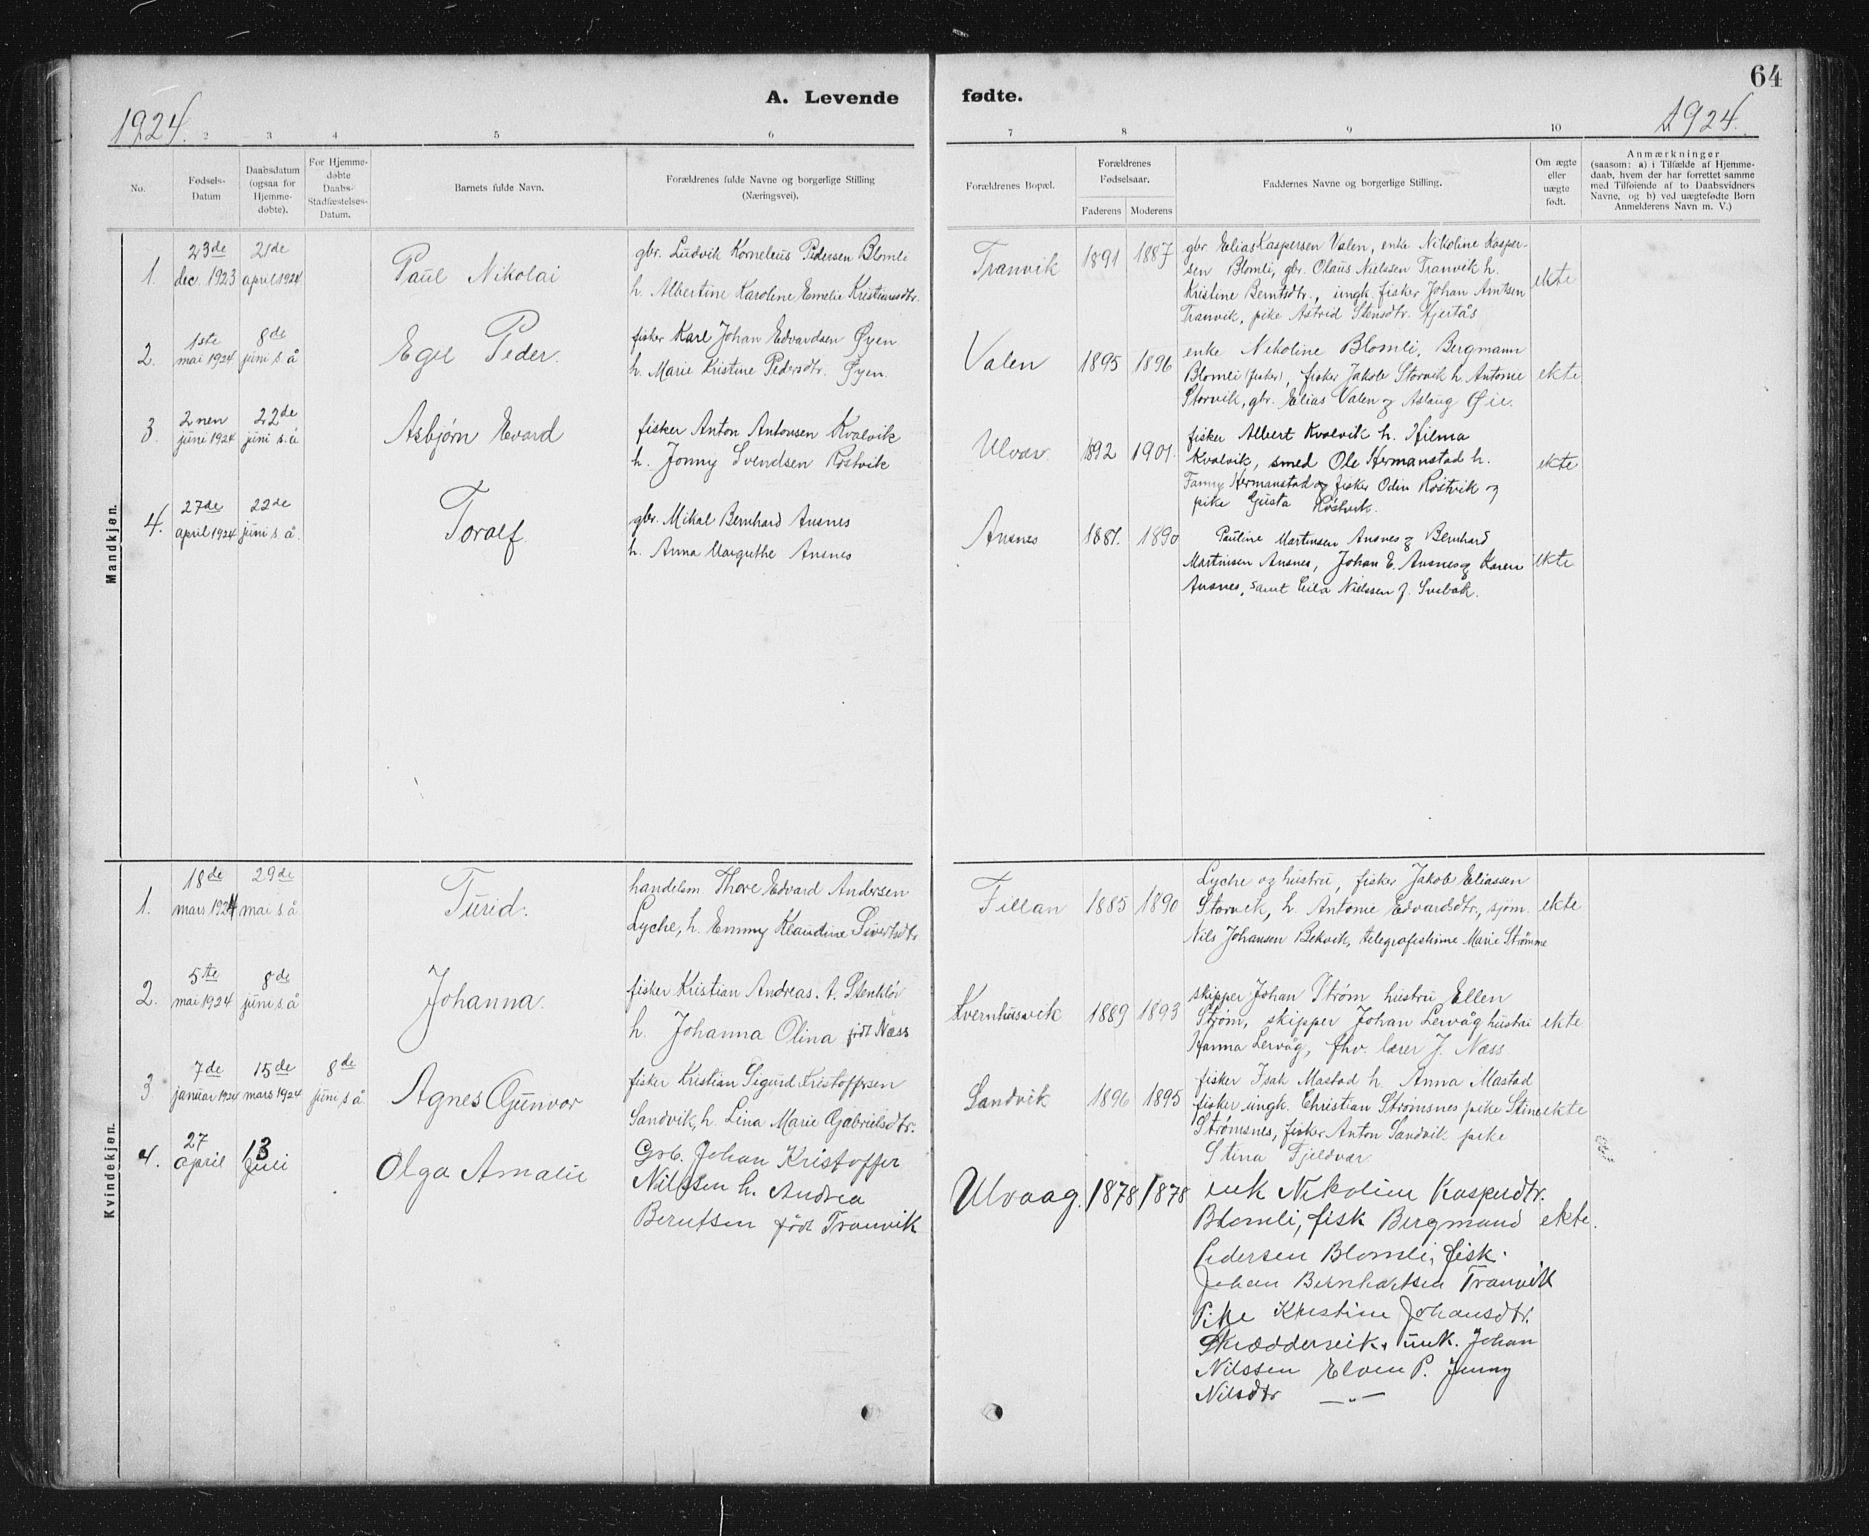 SAT, Ministerialprotokoller, klokkerbøker og fødselsregistre - Sør-Trøndelag, 637/L0563: Klokkerbok nr. 637C04, 1899-1940, s. 64